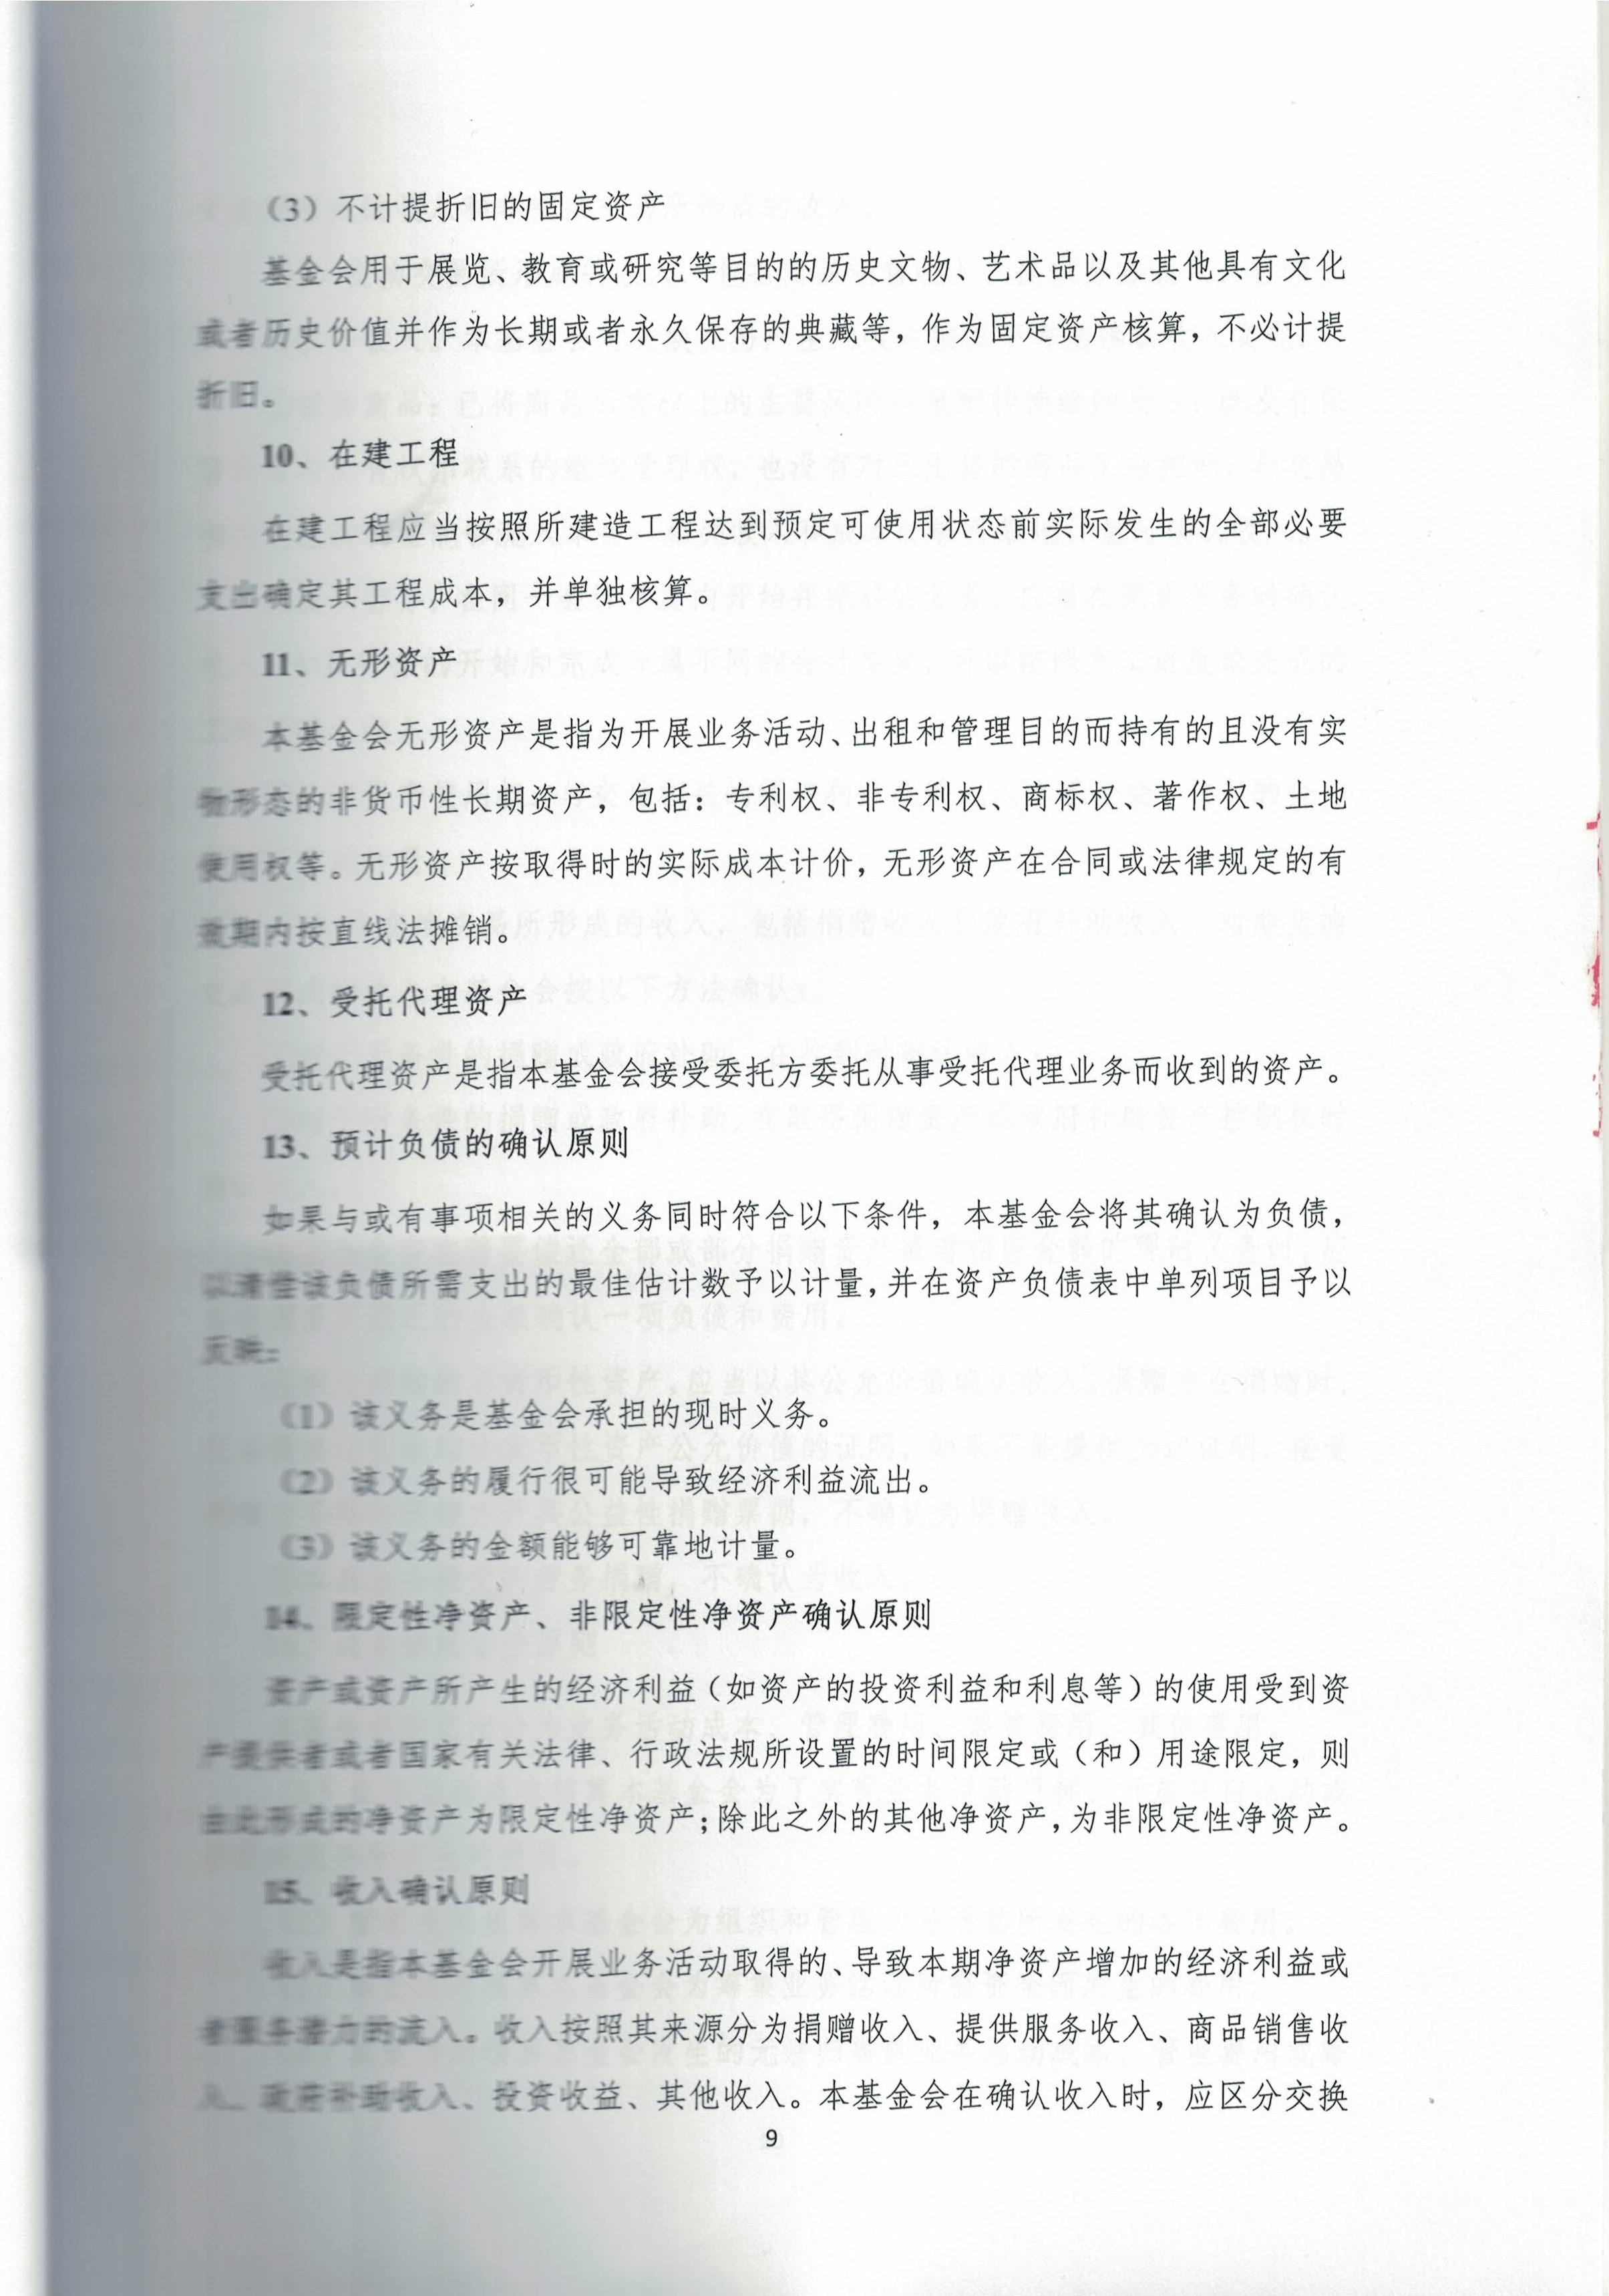 2018审计报告_页面_11